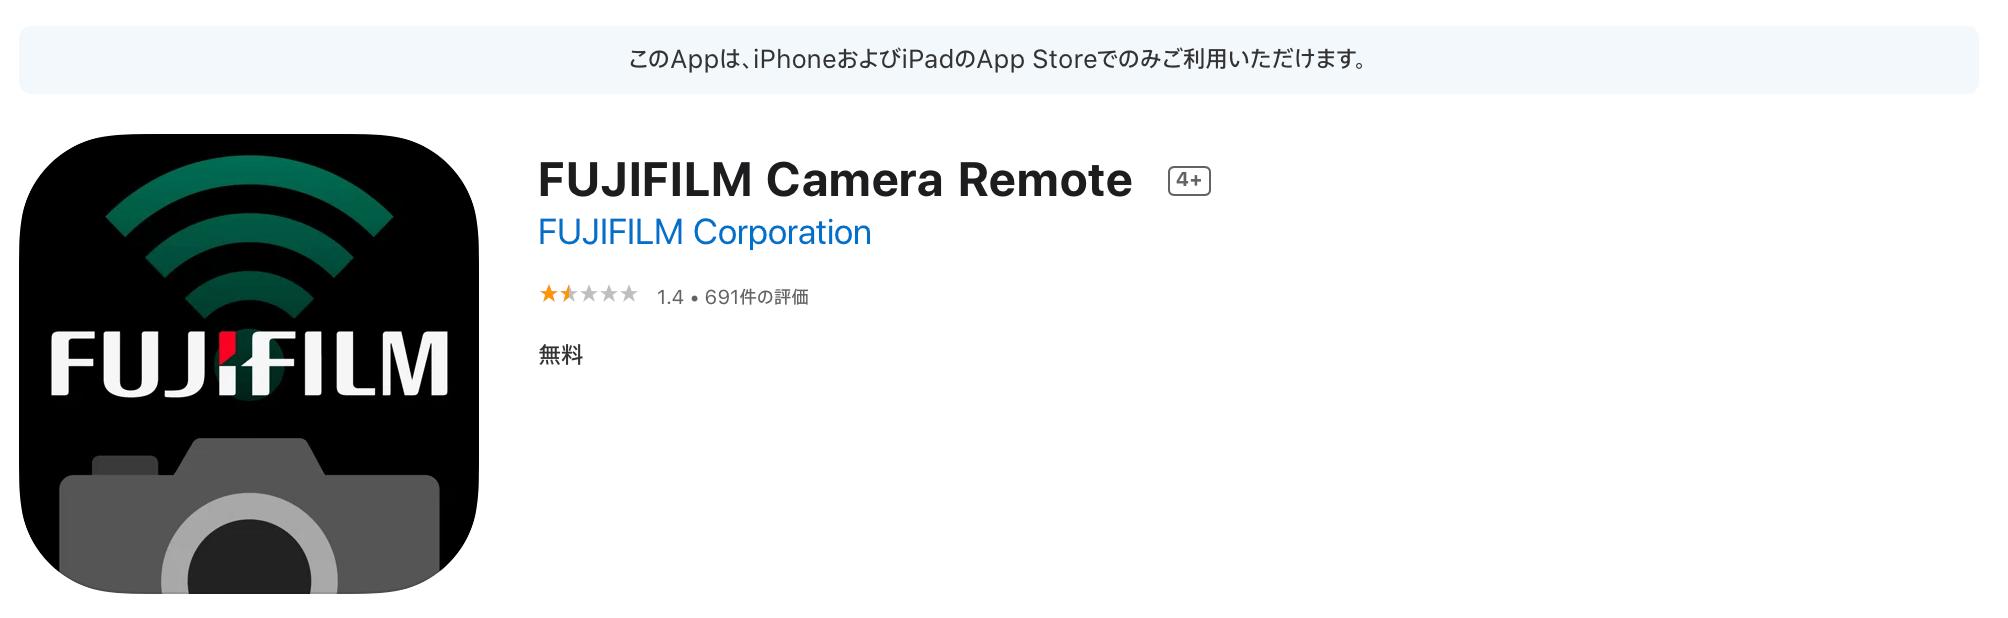 アップデートにより「iOS14」対応へ!!